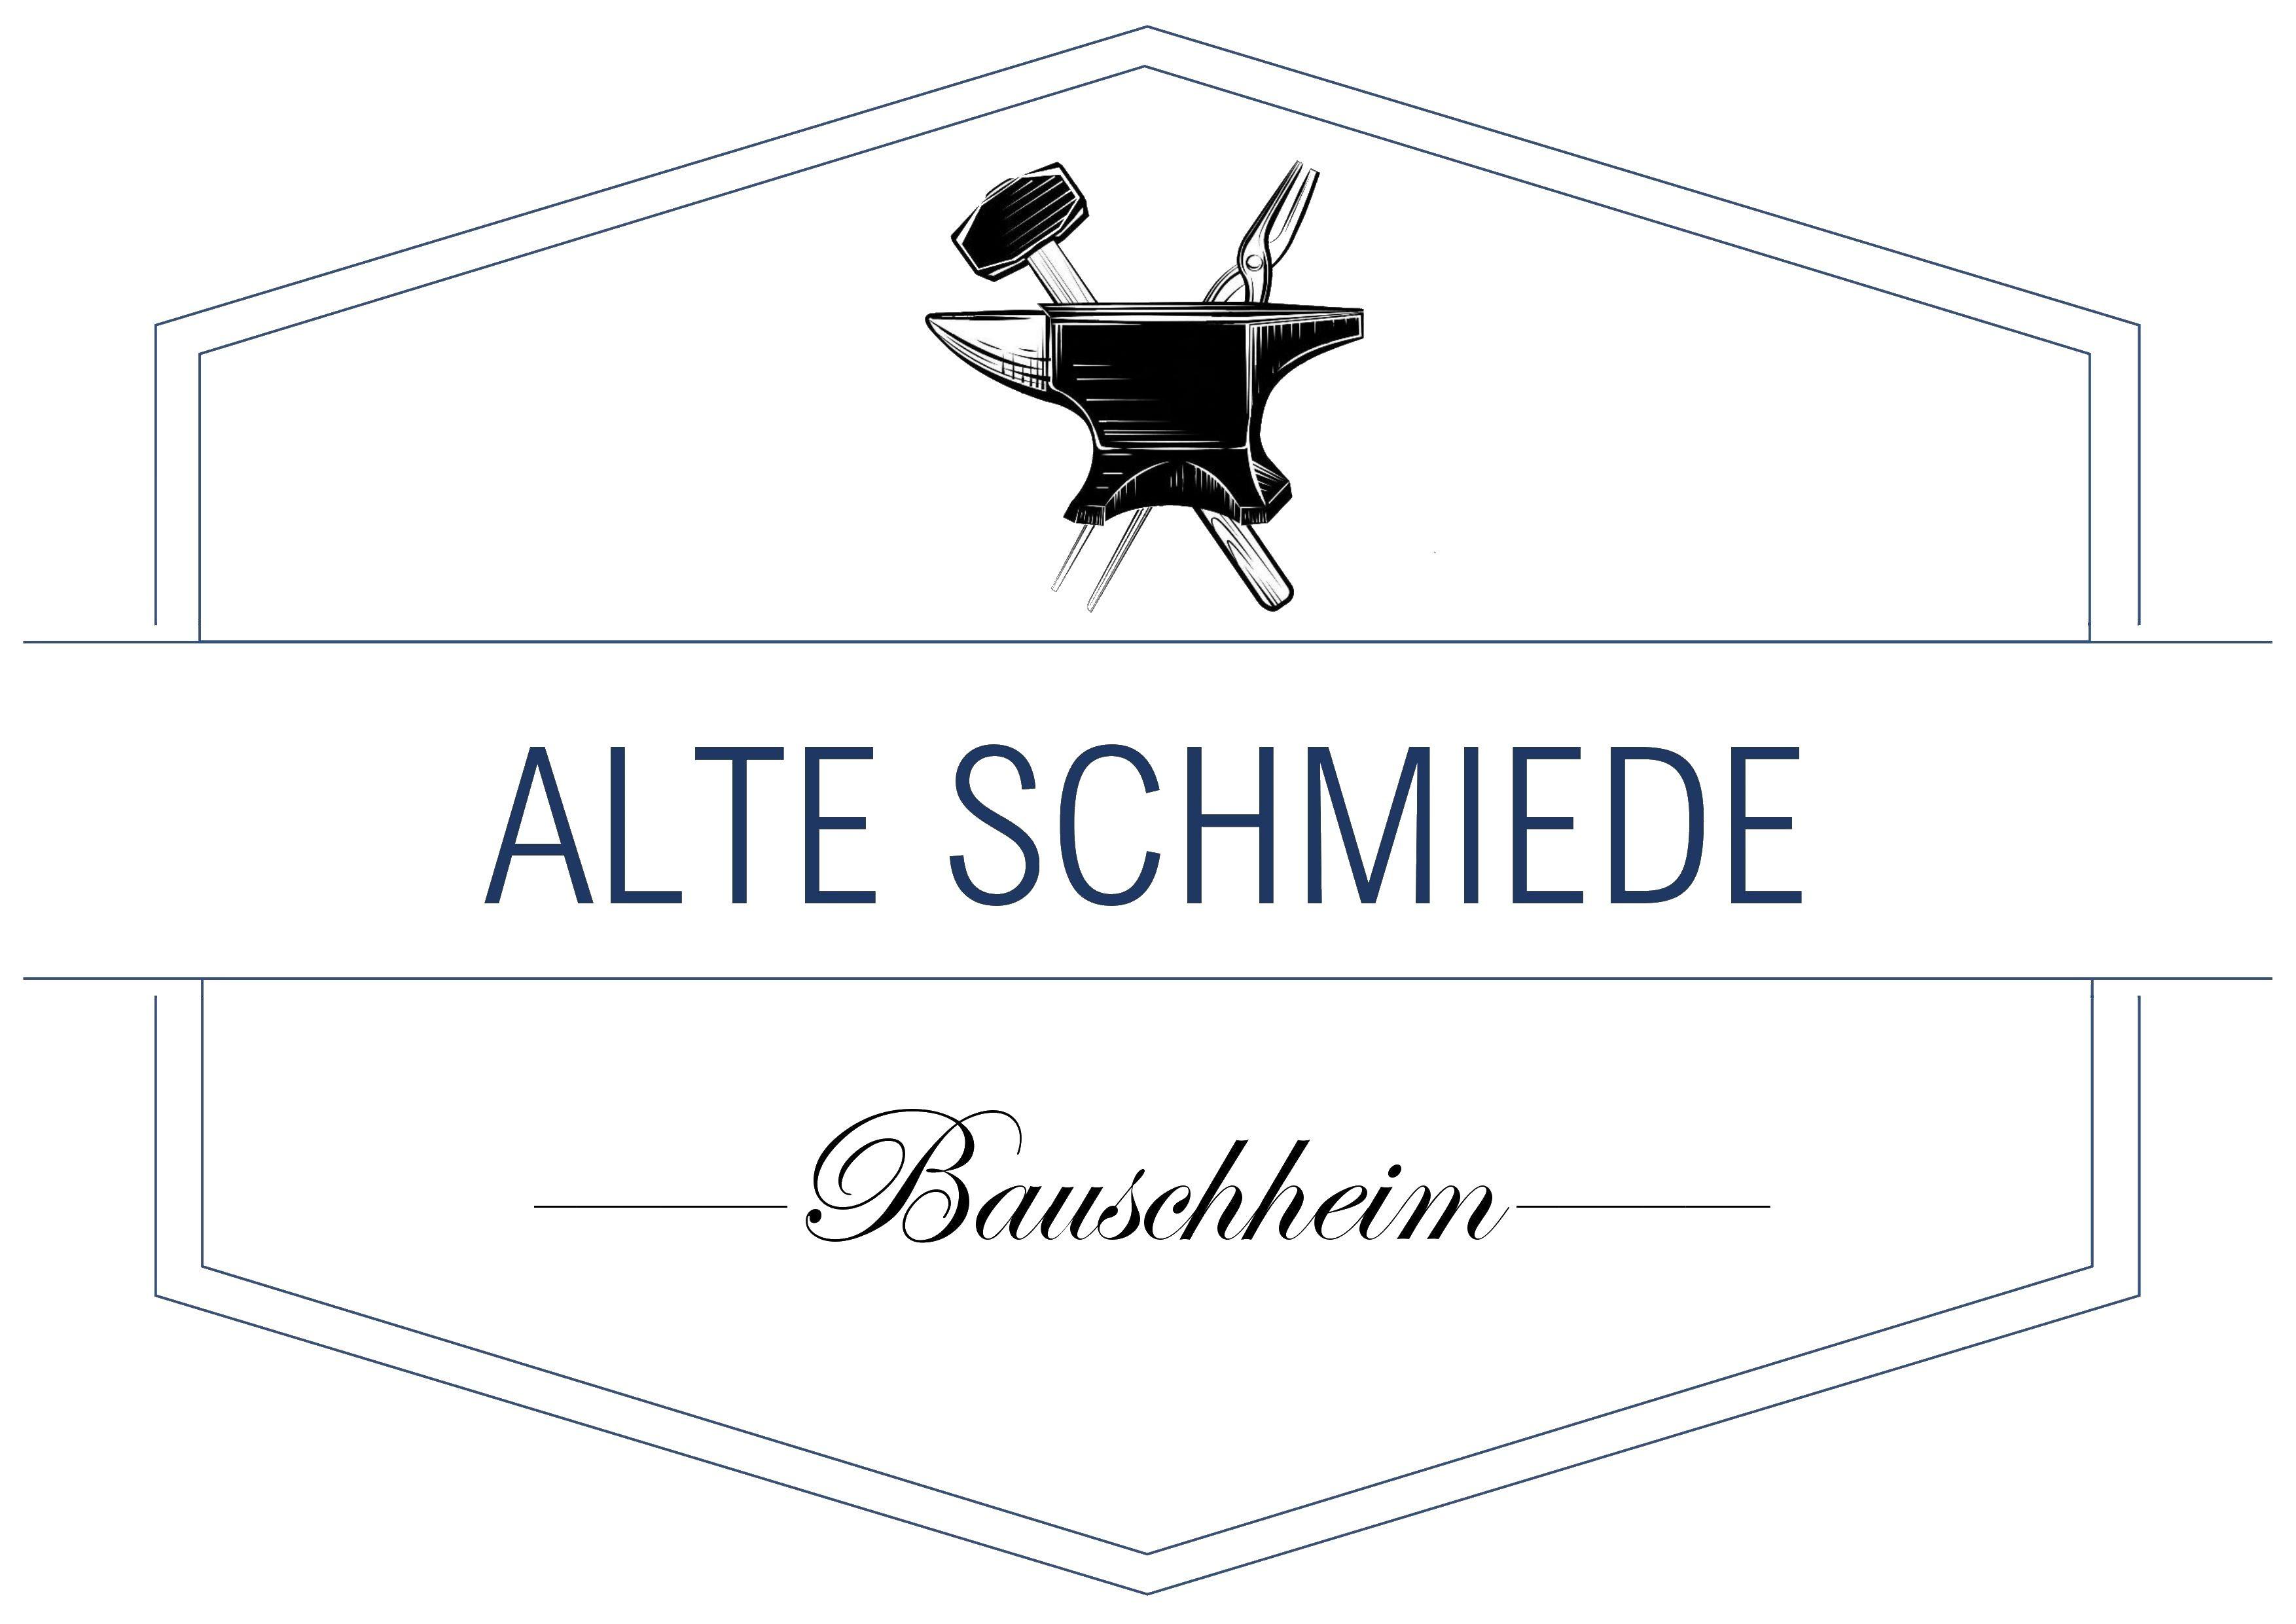 Alte Schmiede Bauschheim